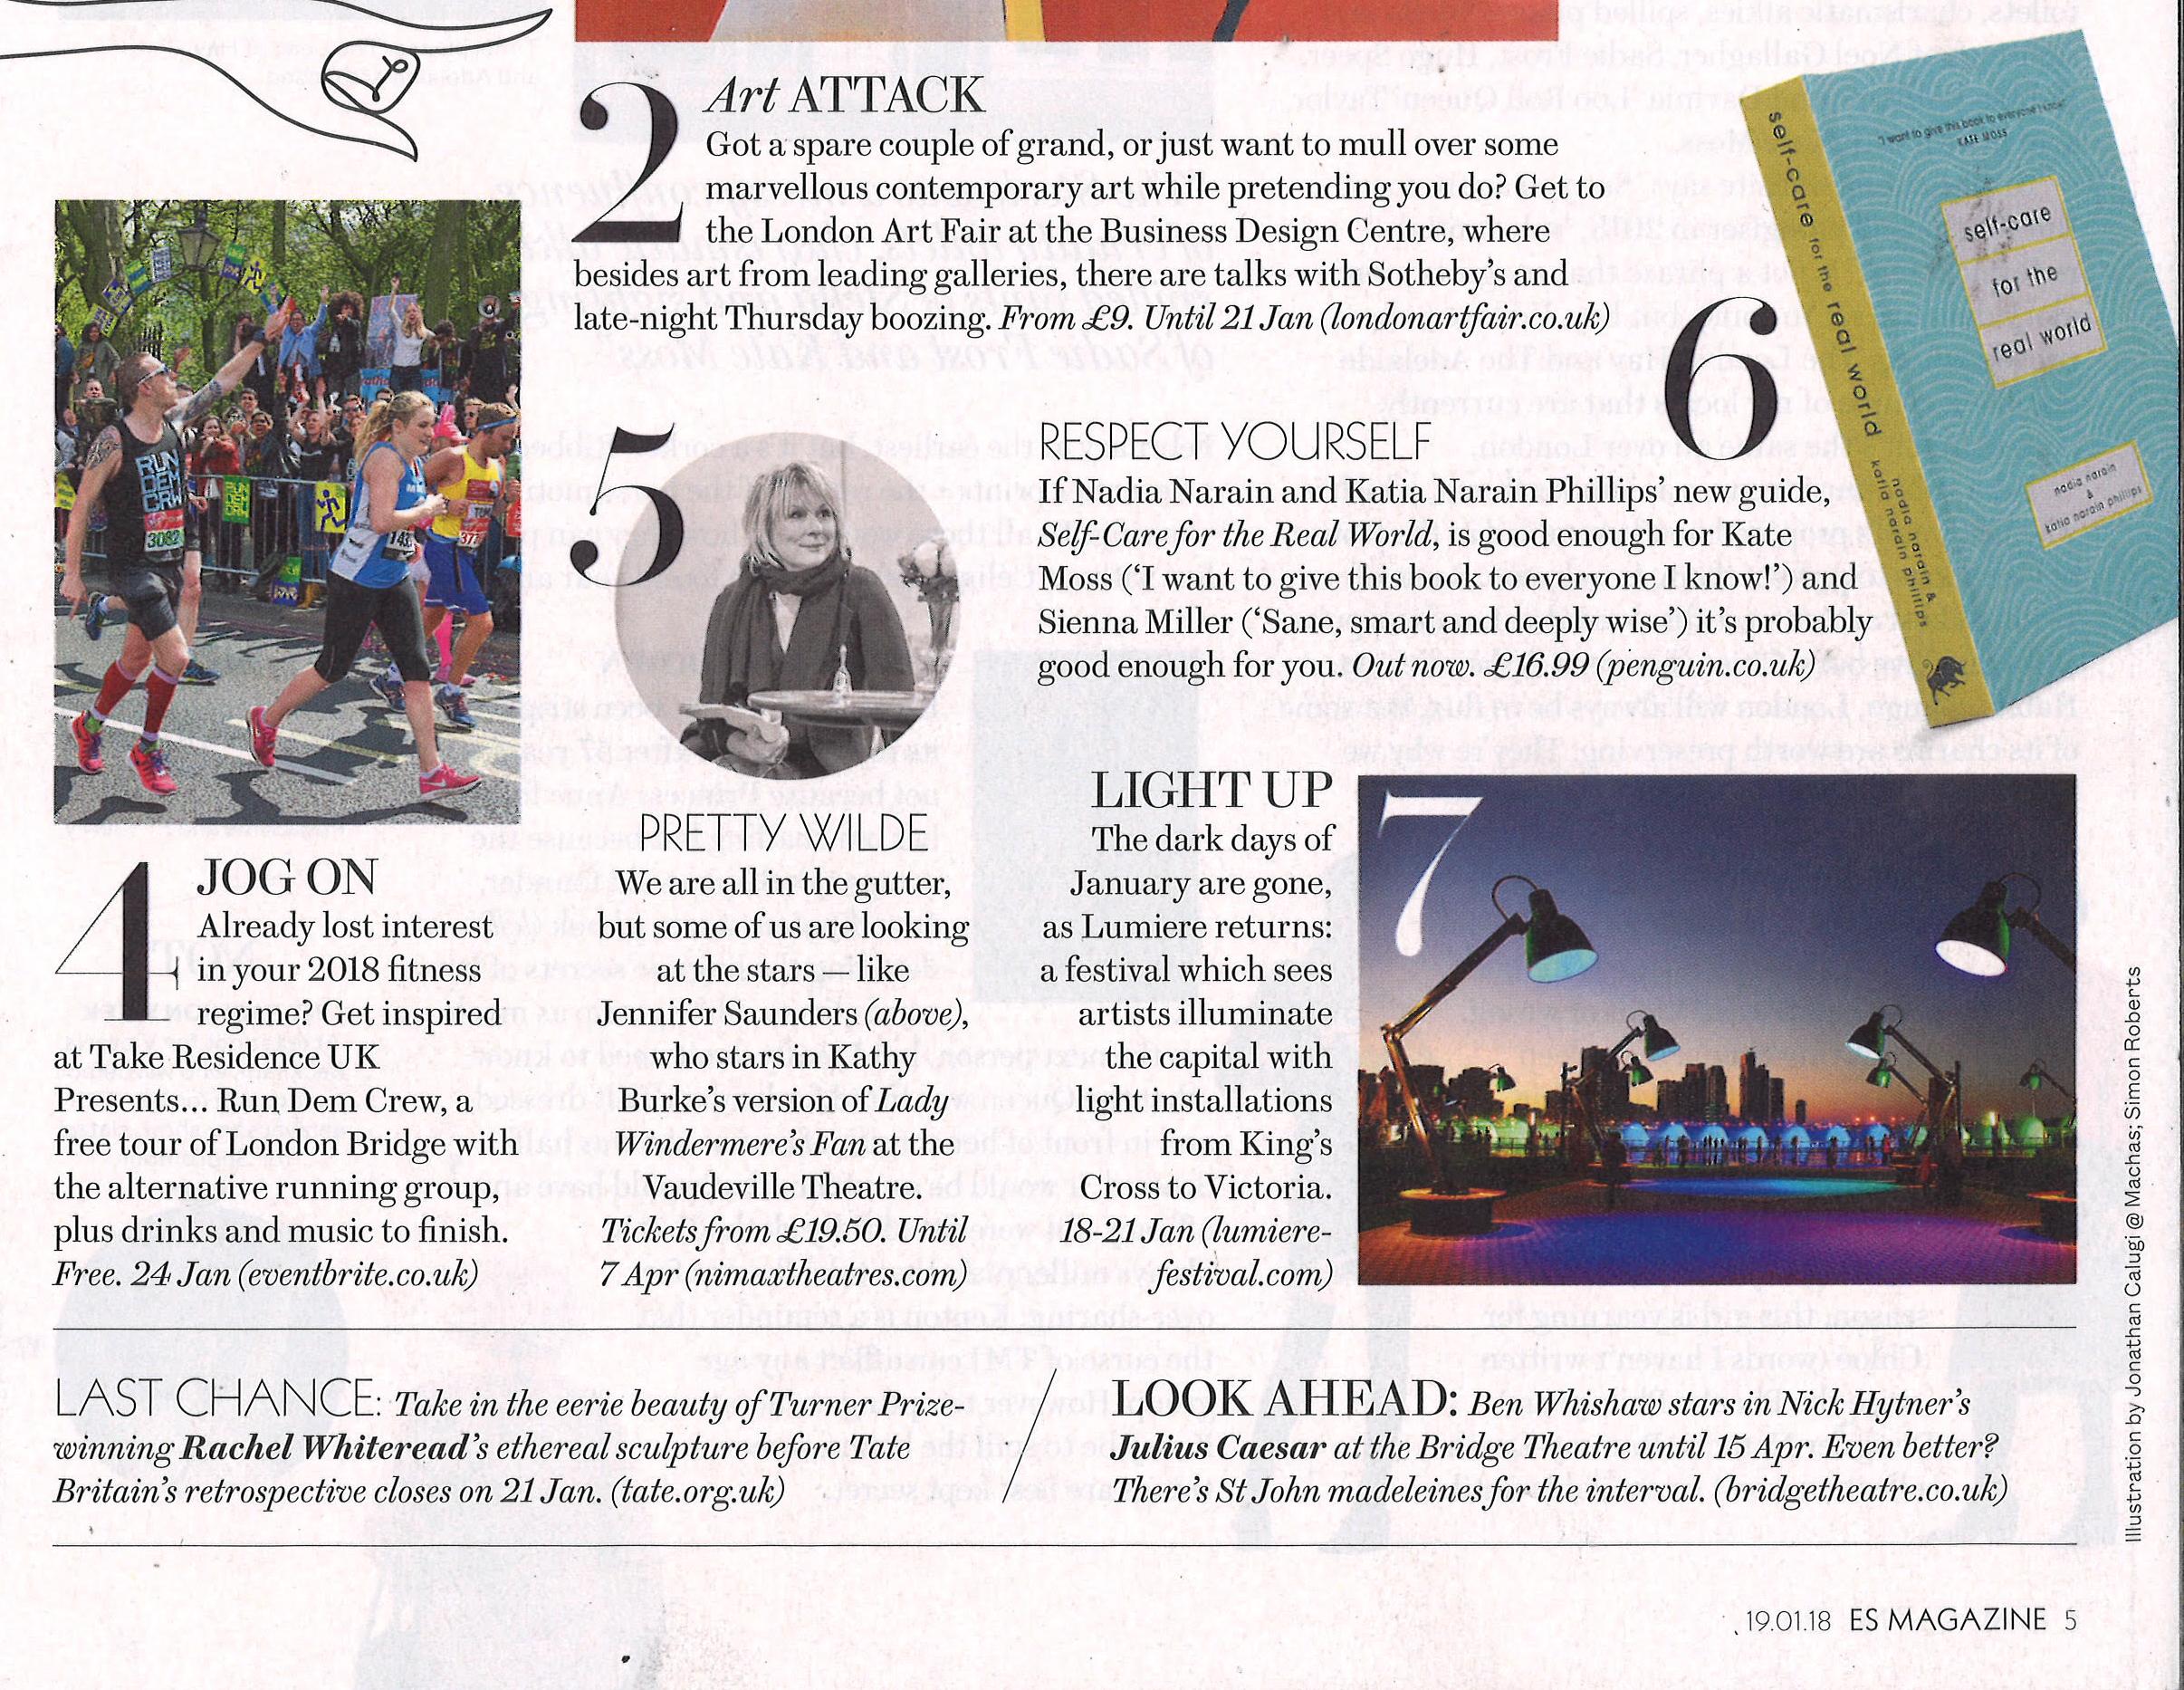 ES Magazine: Jan 2018